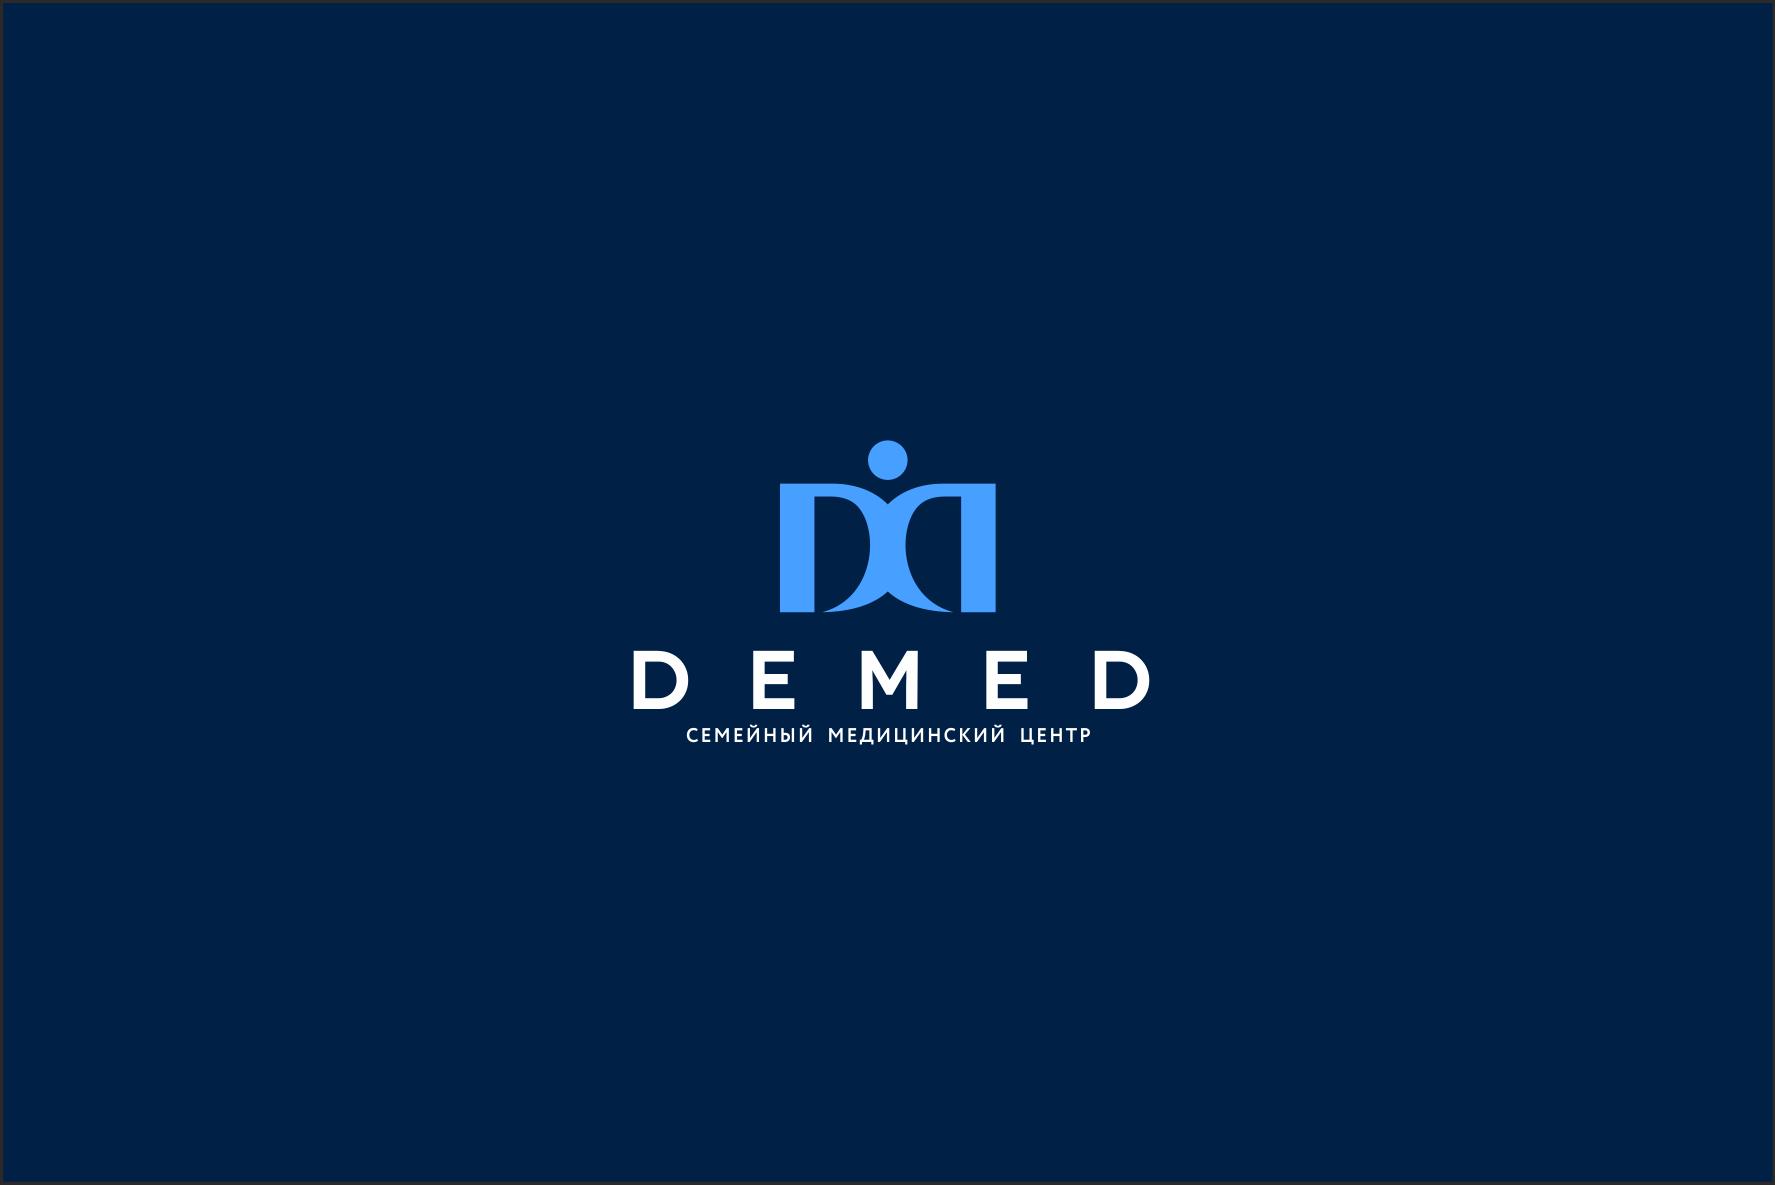 Логотип медицинского центра фото f_6475dc56ca1577df.png